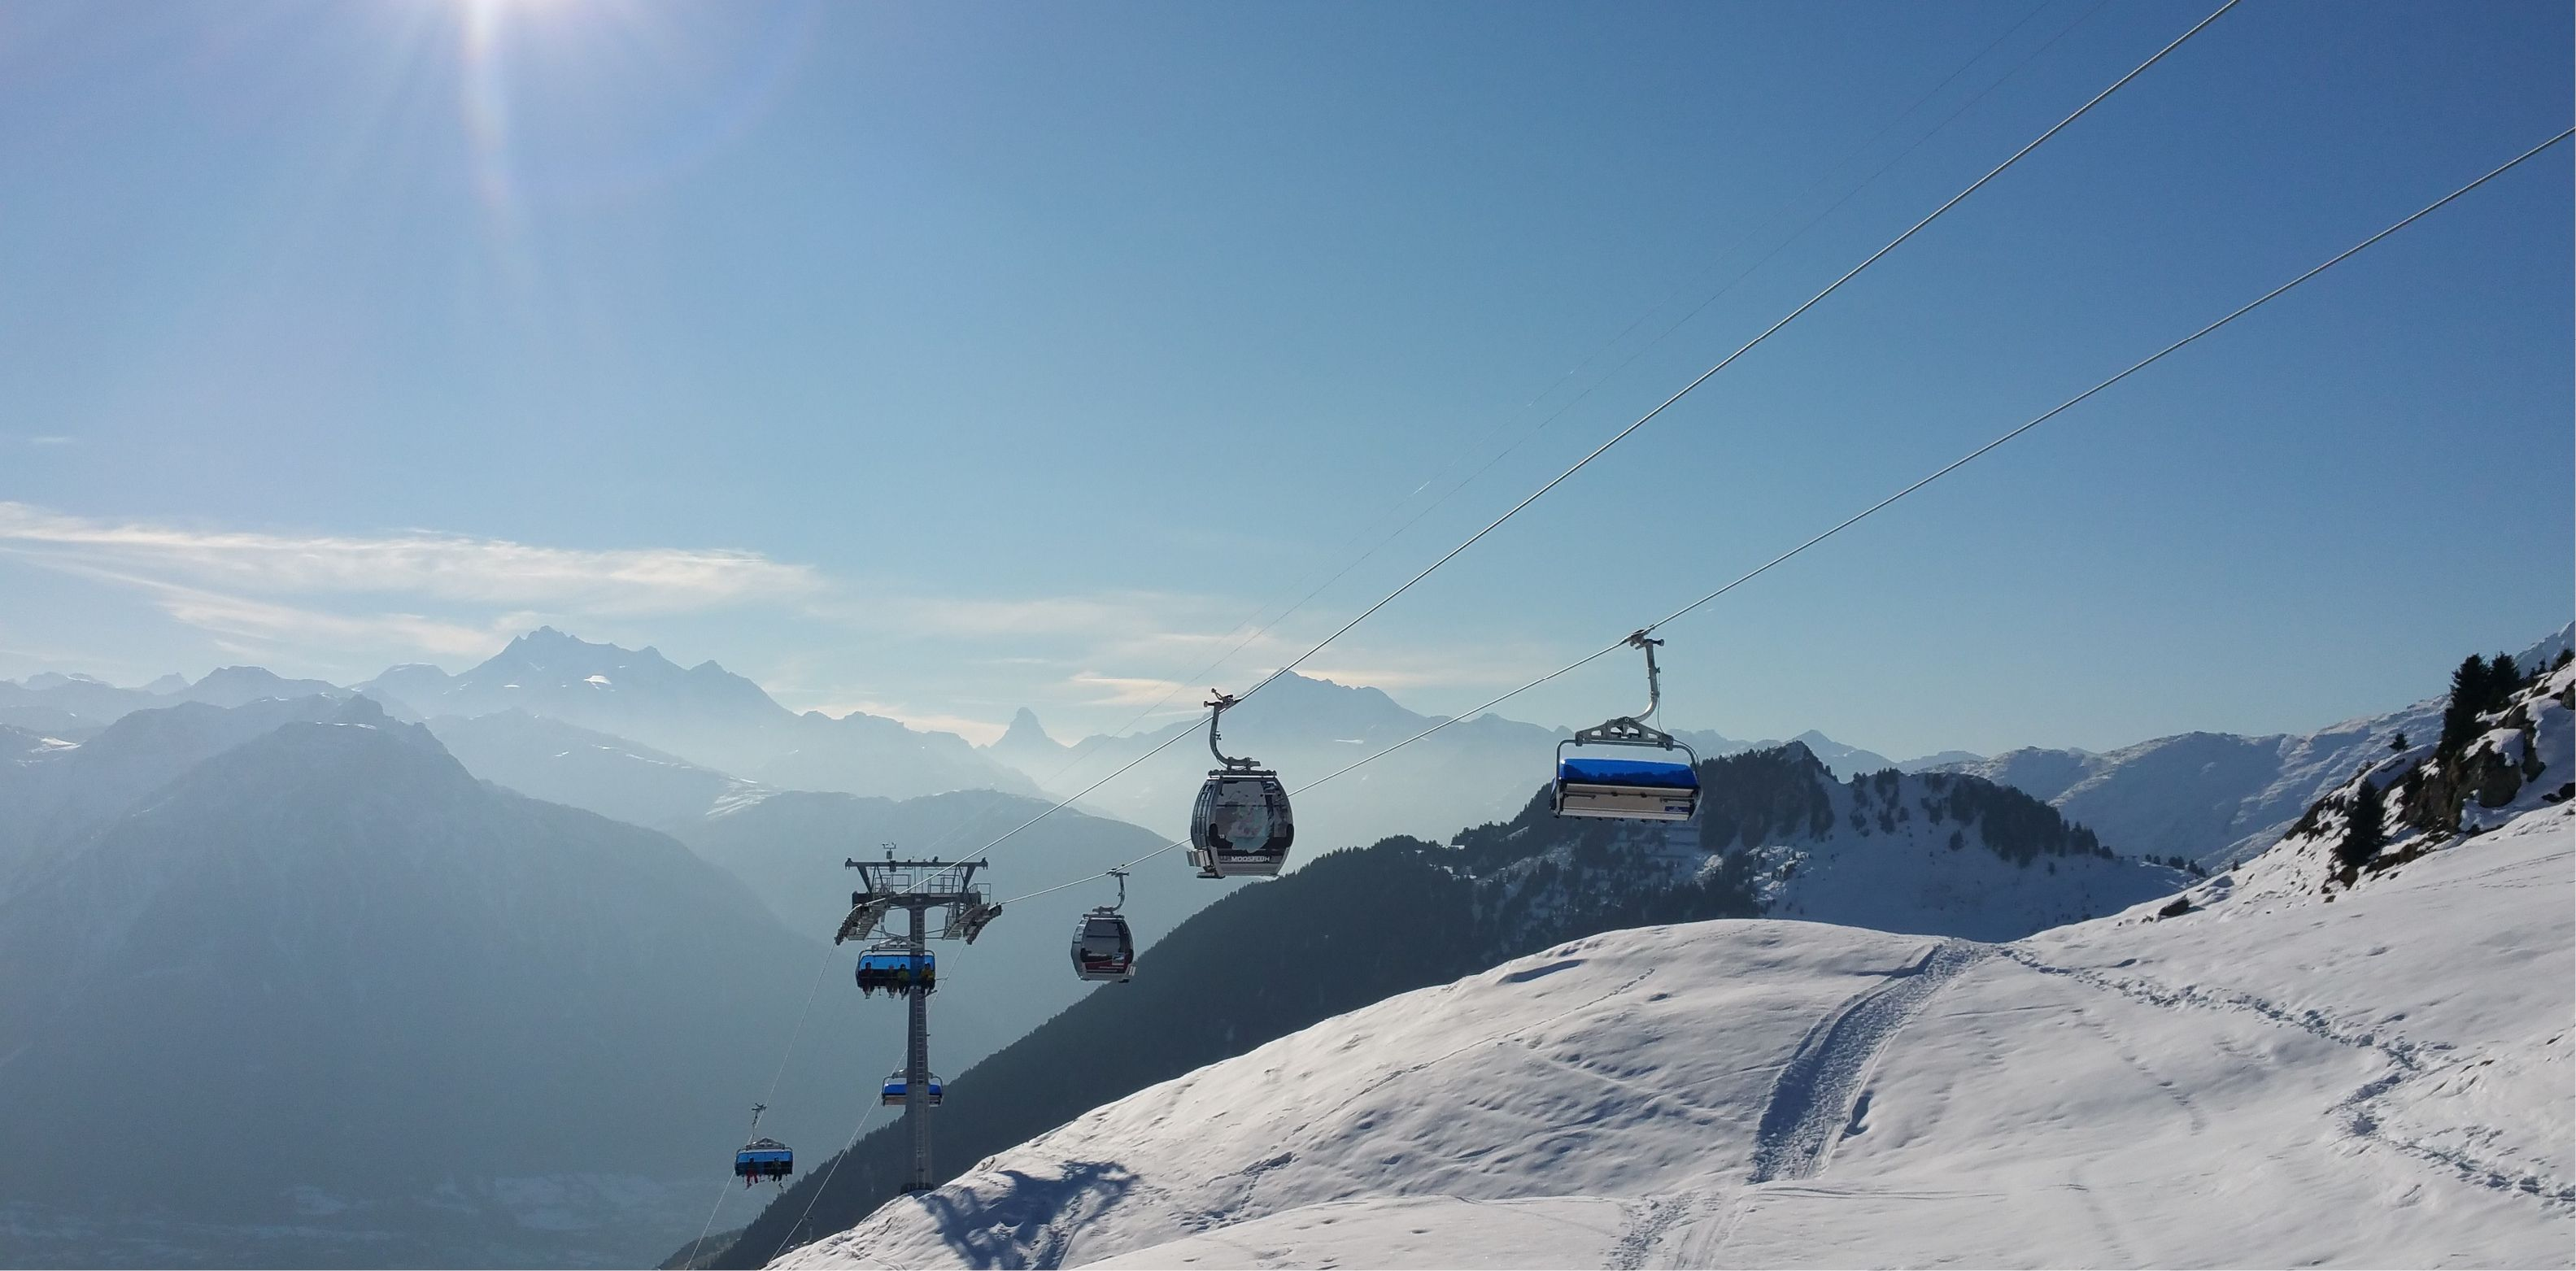 Die Kombi-Gletscherbahn Riederalp-Blausee-Moosfluh. ©aletscharena.ch